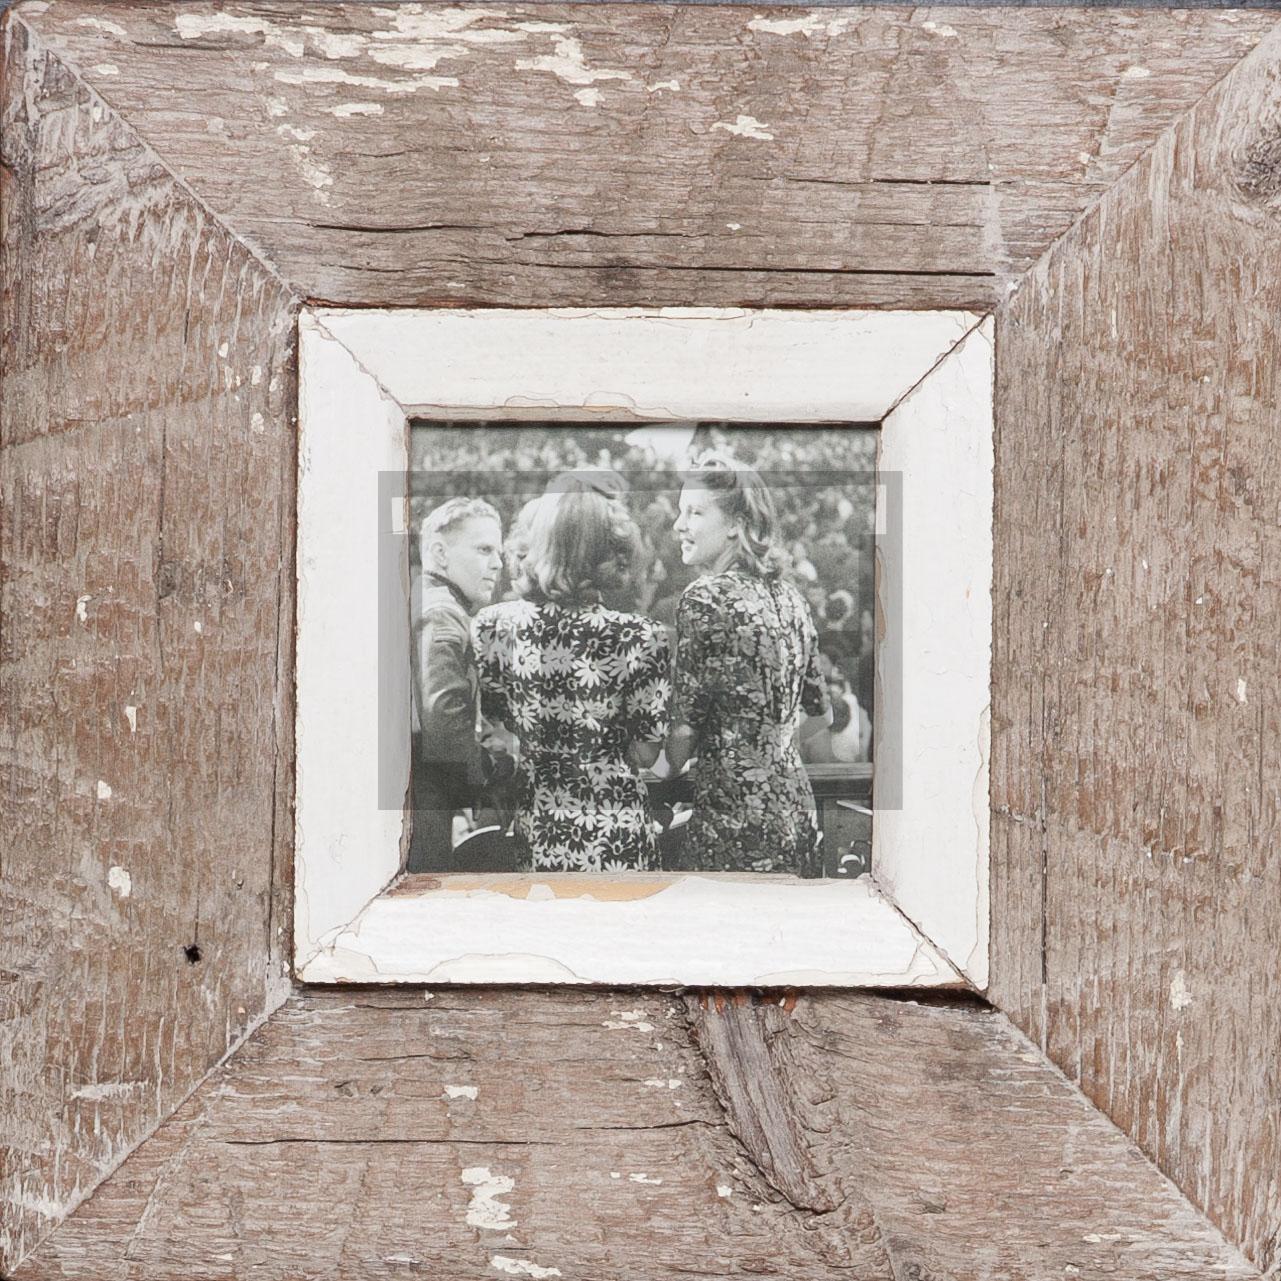 Quadratischer Altholz-Fotorahmen für kleine quadratische Fotos